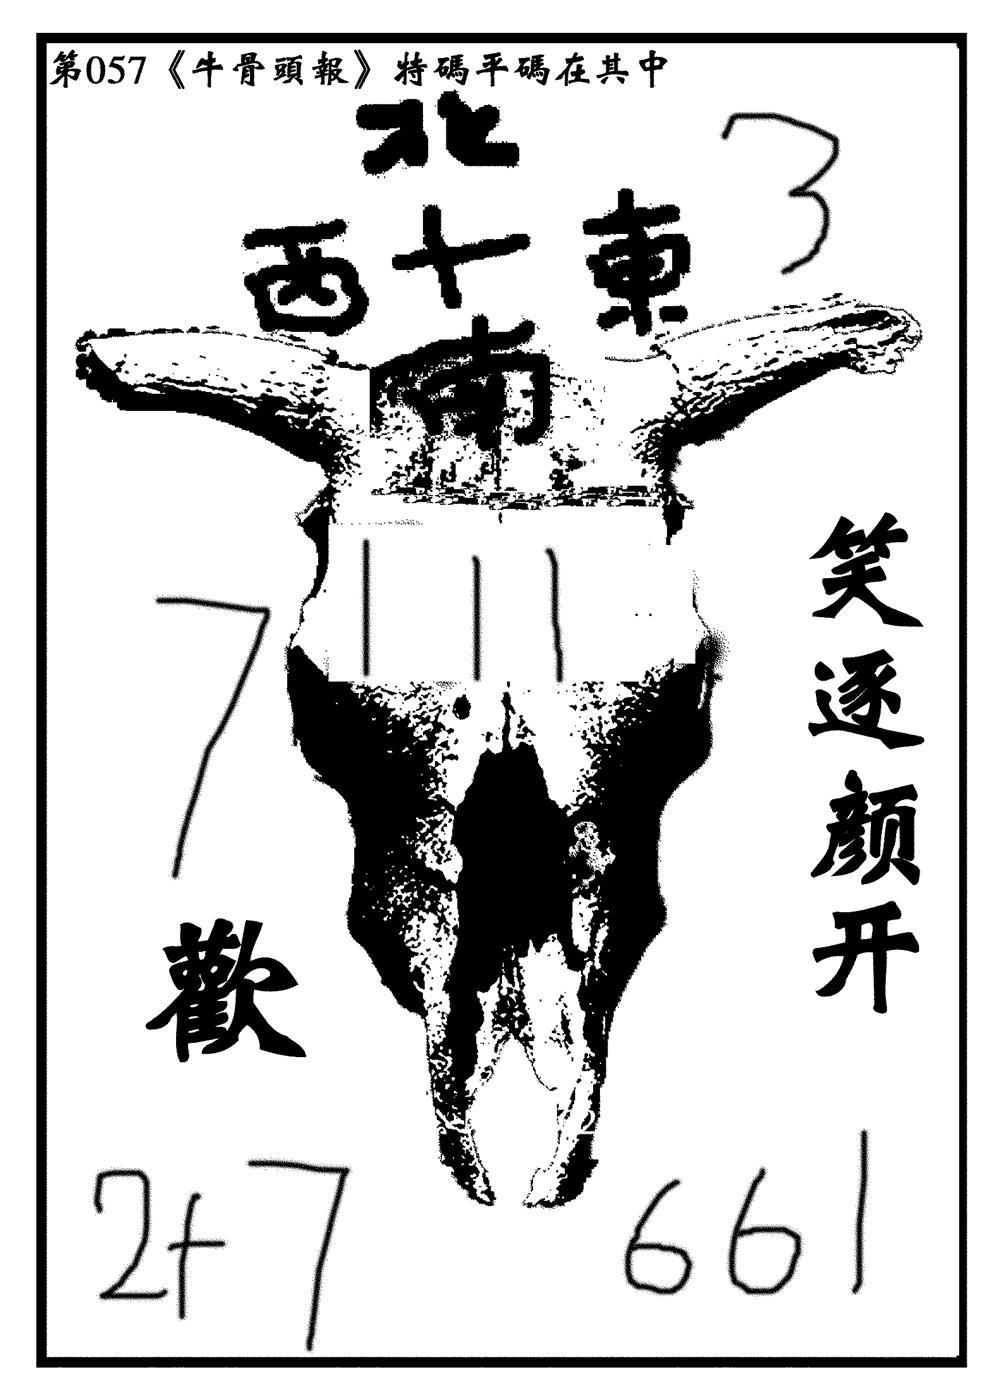 057期牛头报(黑白)